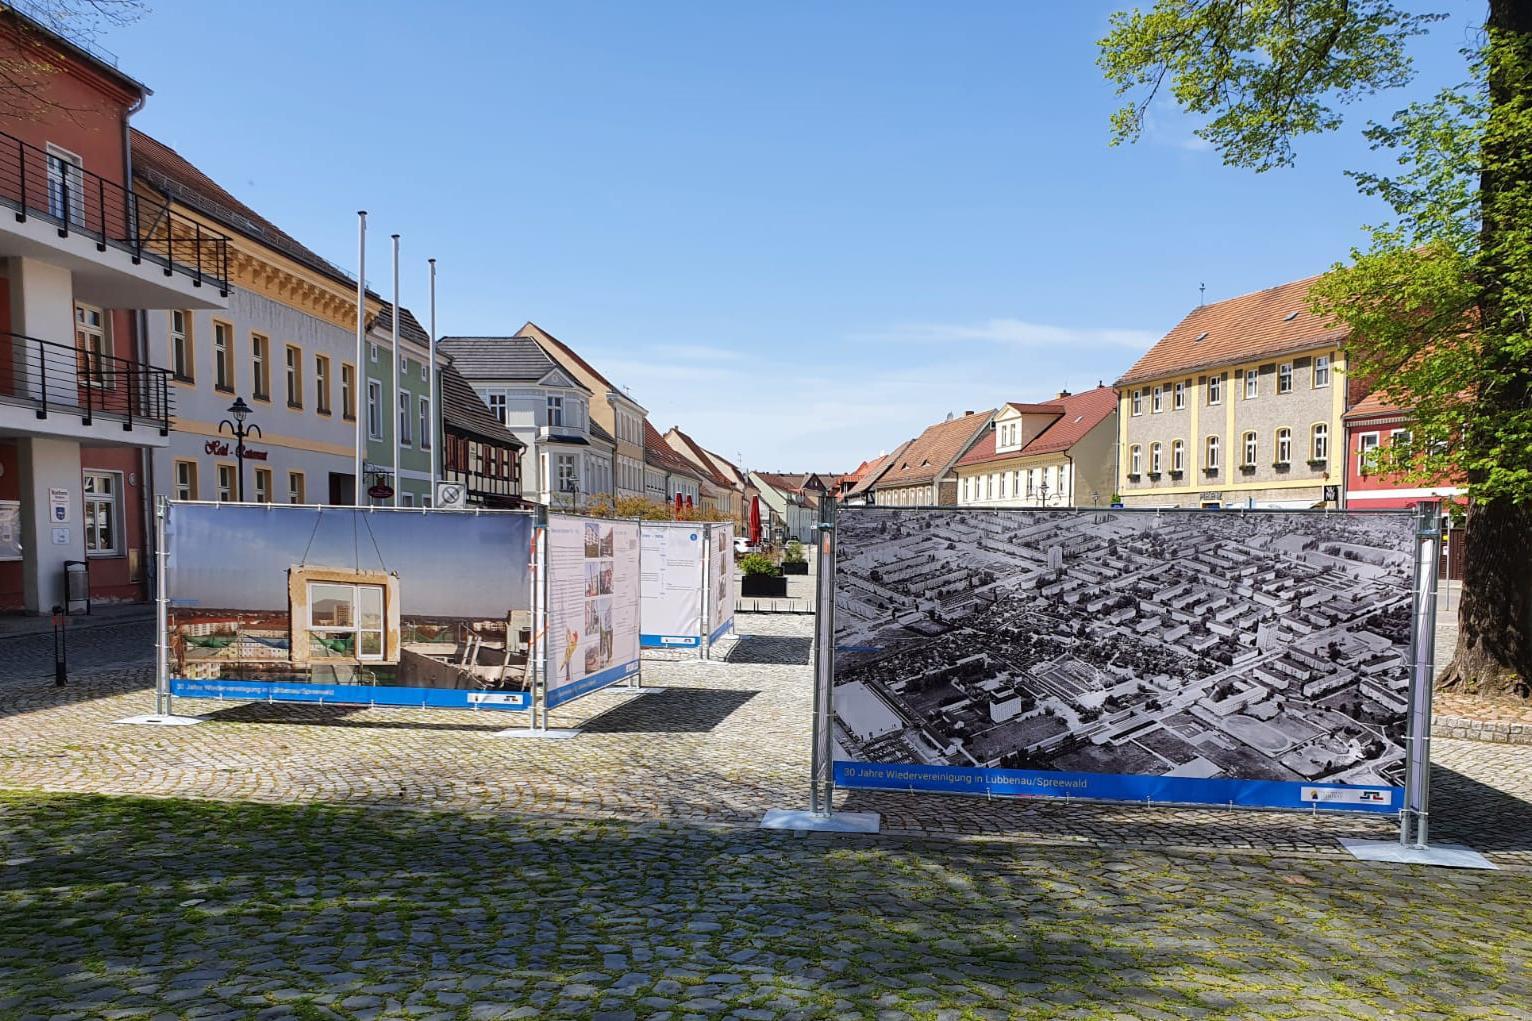 Bild2 Blick auf die Freiluftausstellung auf dem Lübbenauer Kirchplatz, Quelle: LUEBBENAUBRUECKE, Michael Hensel